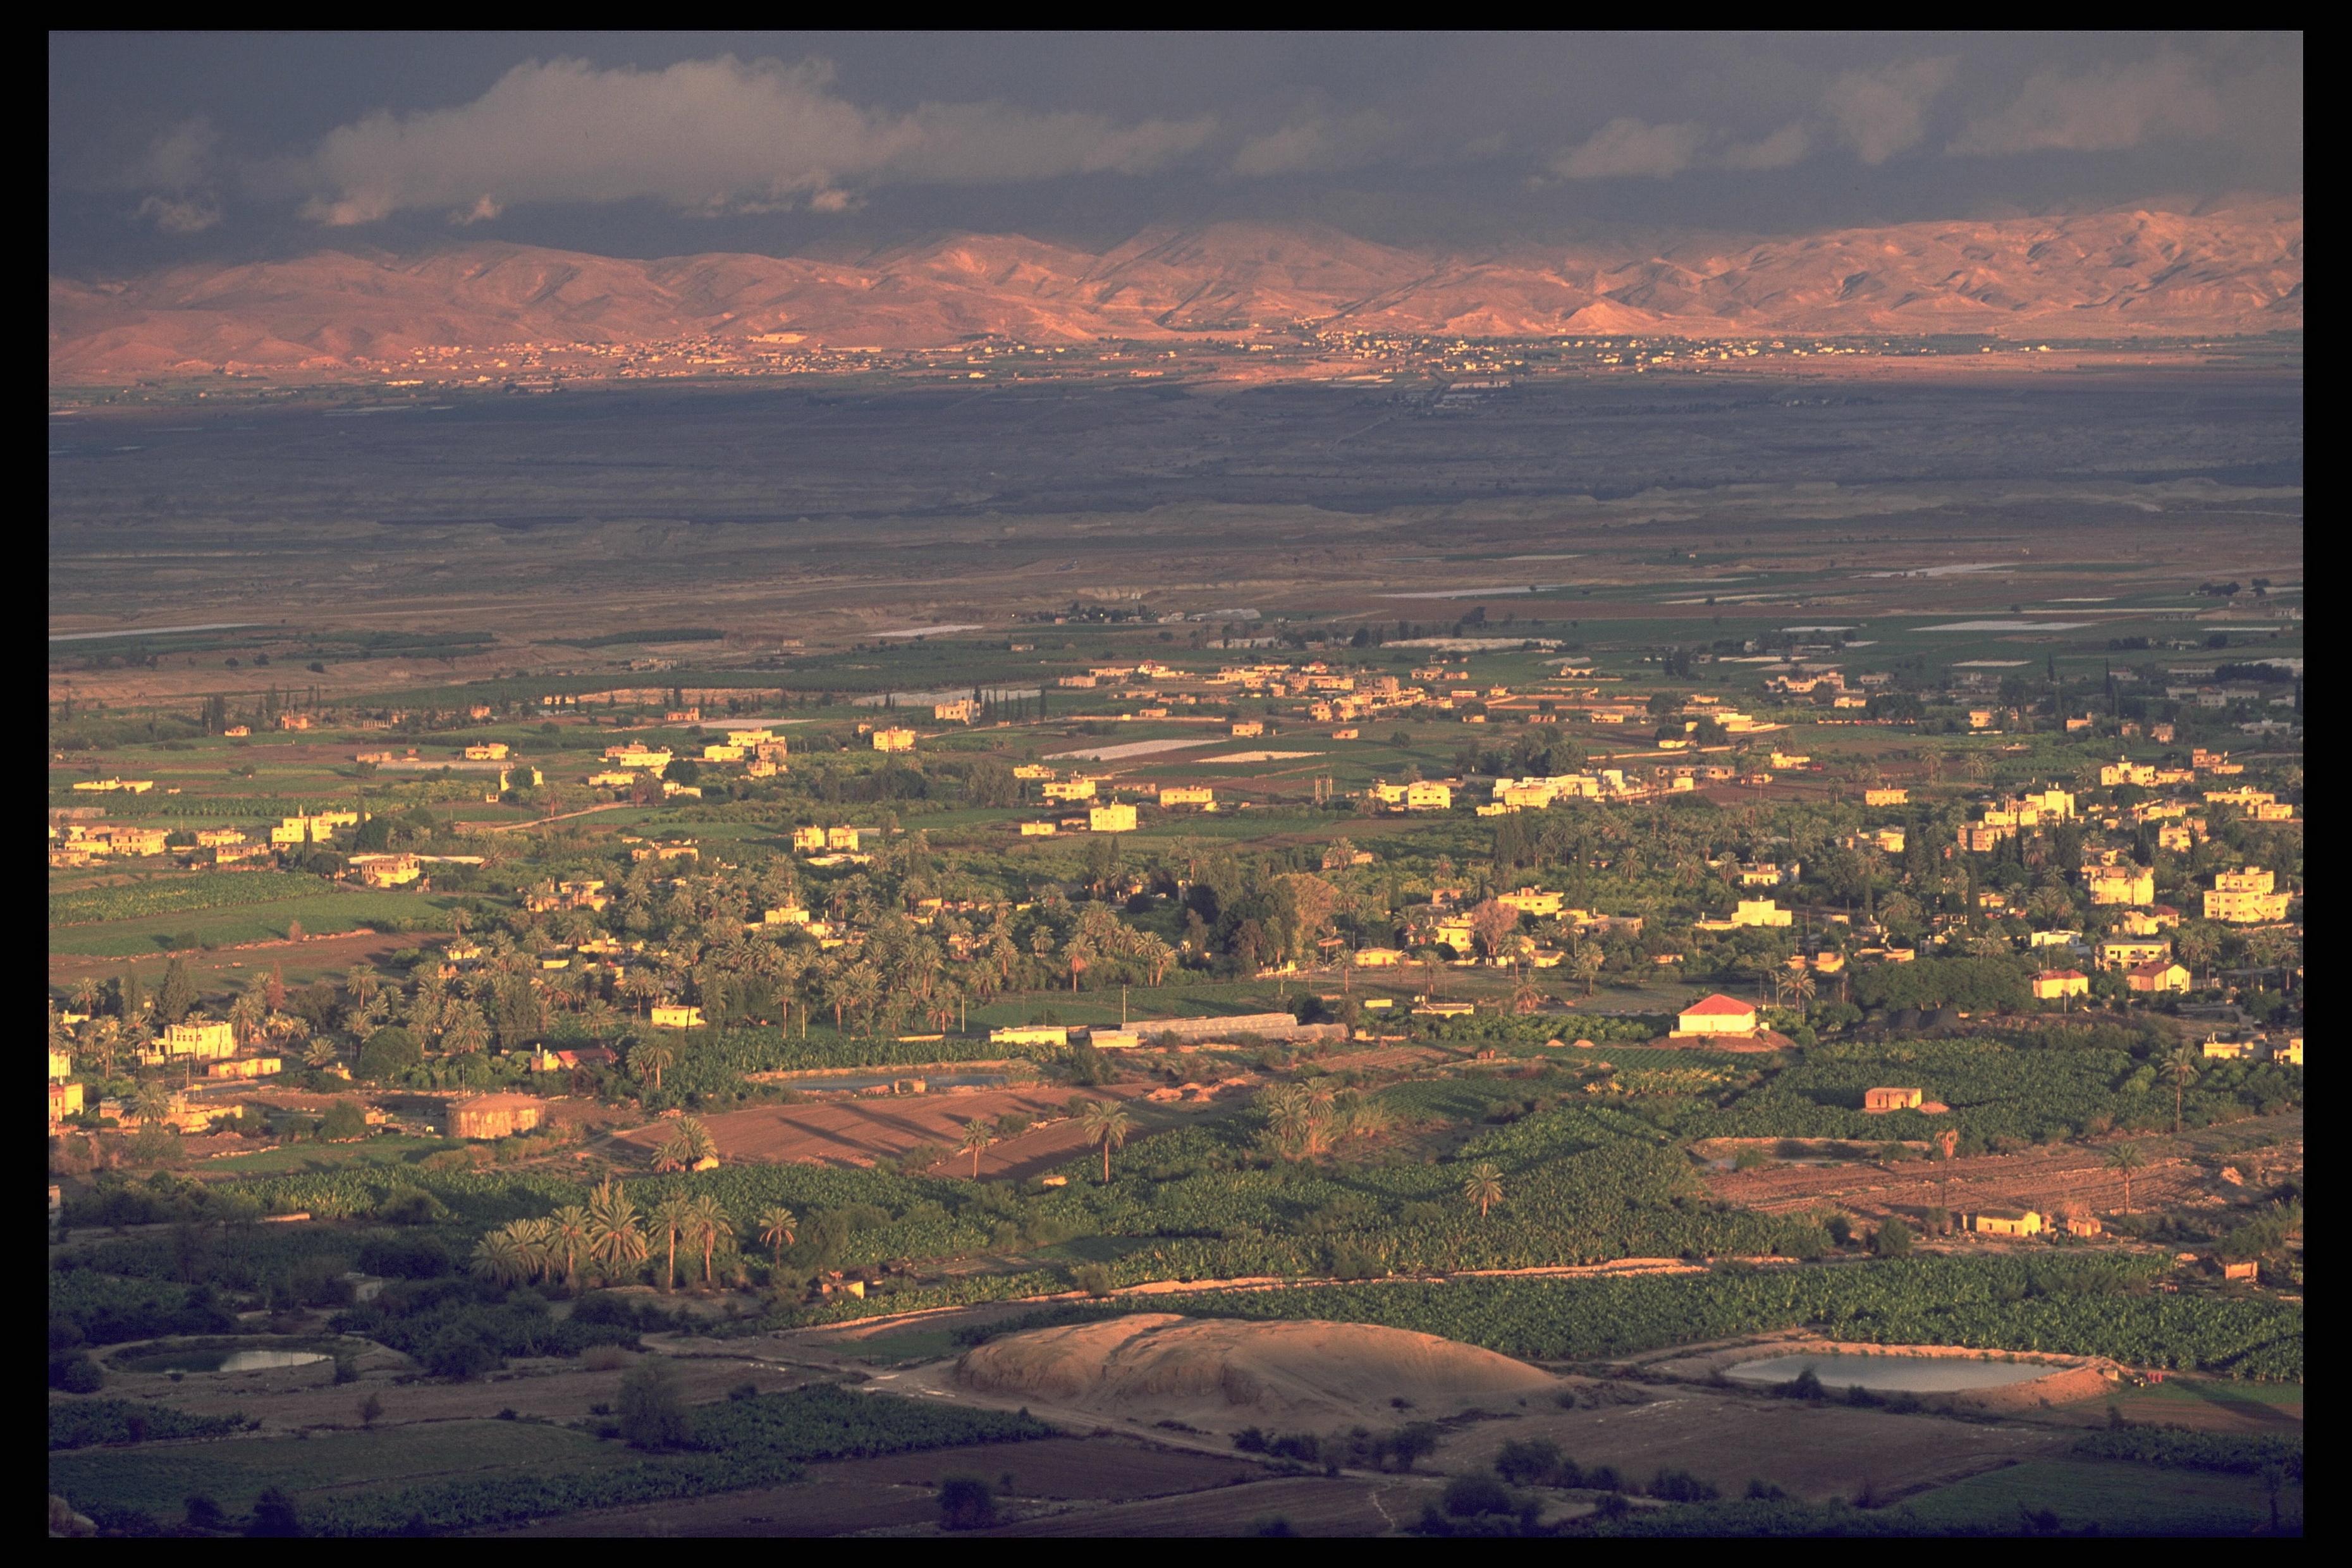 The_Jordan_Valley_-_looking_east_toursim_ministry_(1).jpg